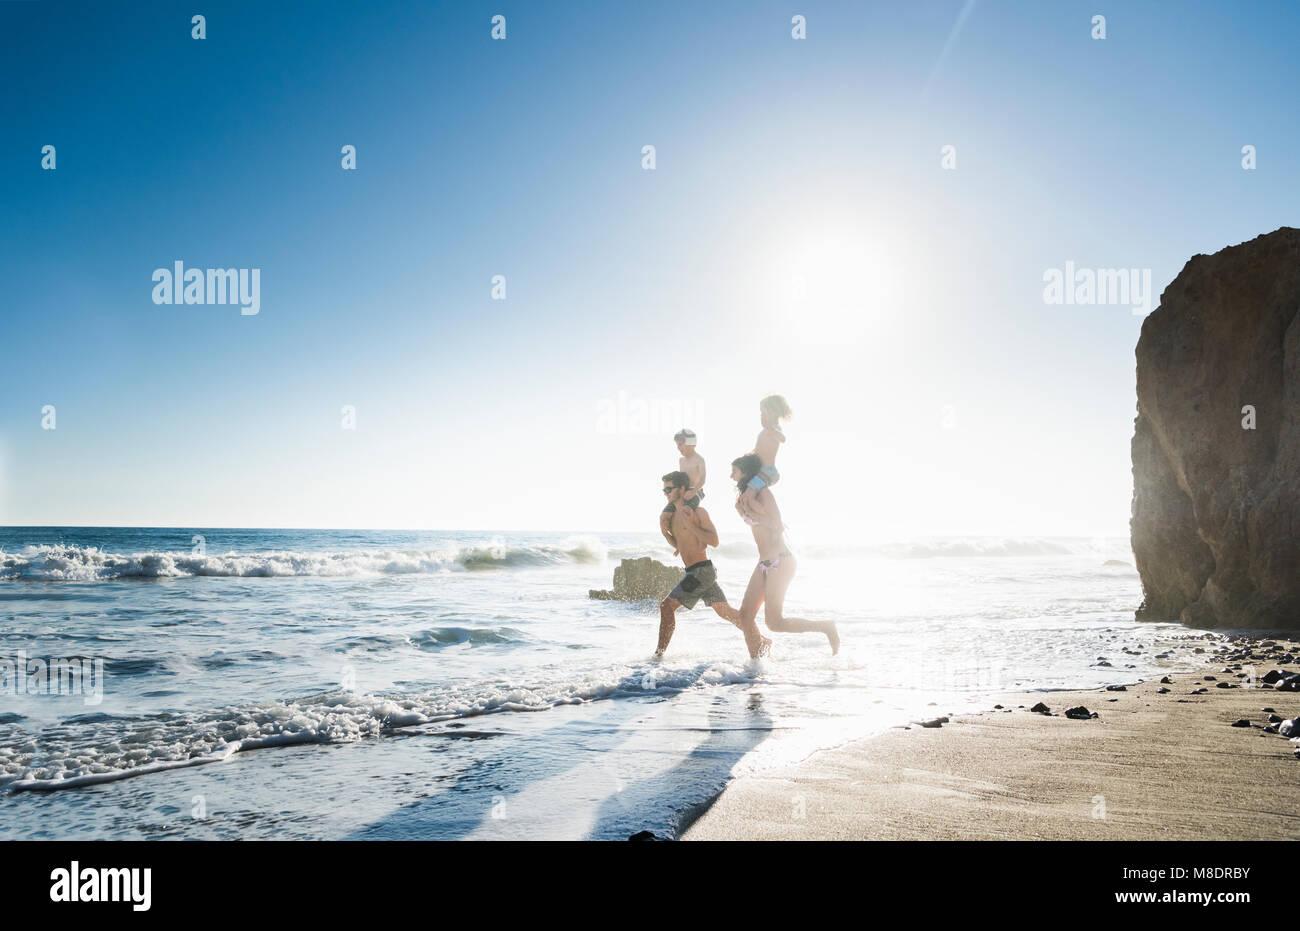 Jugar en familia El Matador Beach, Malibú, EE.UU. Imagen De Stock